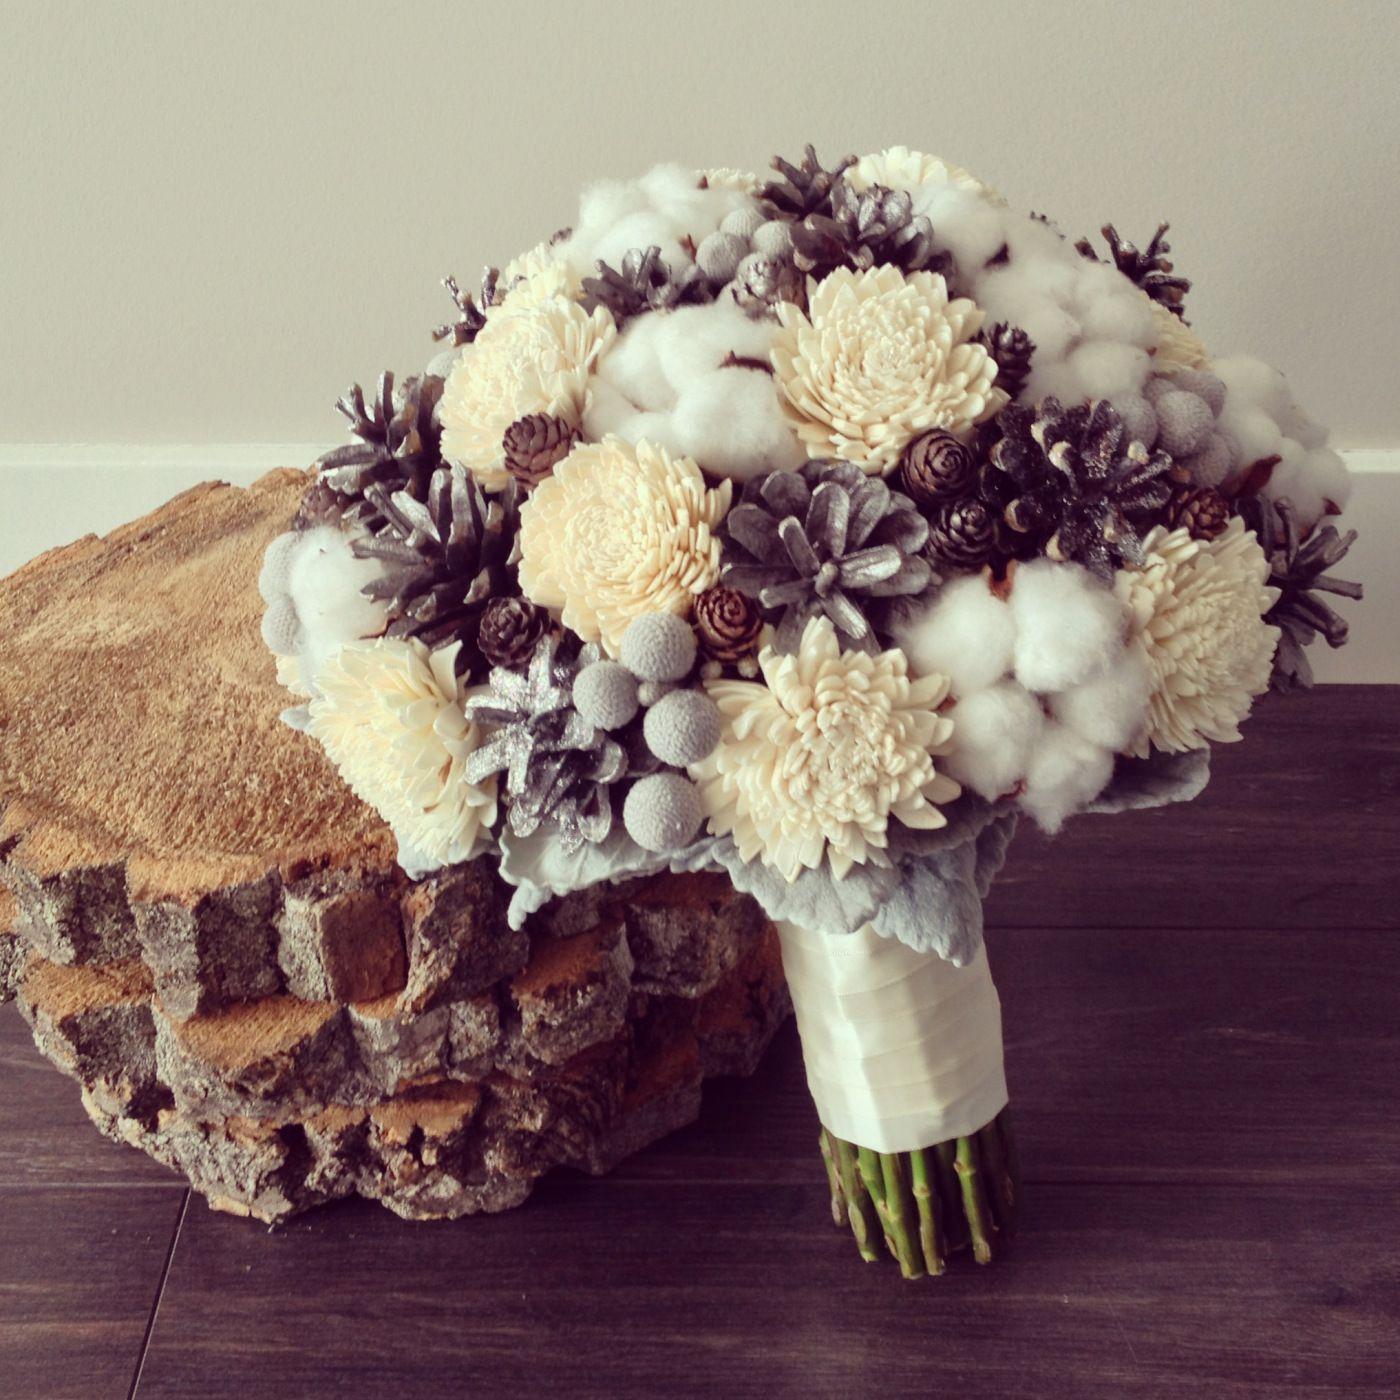 палласа букеты с хлопком и и другими цветами фото конура